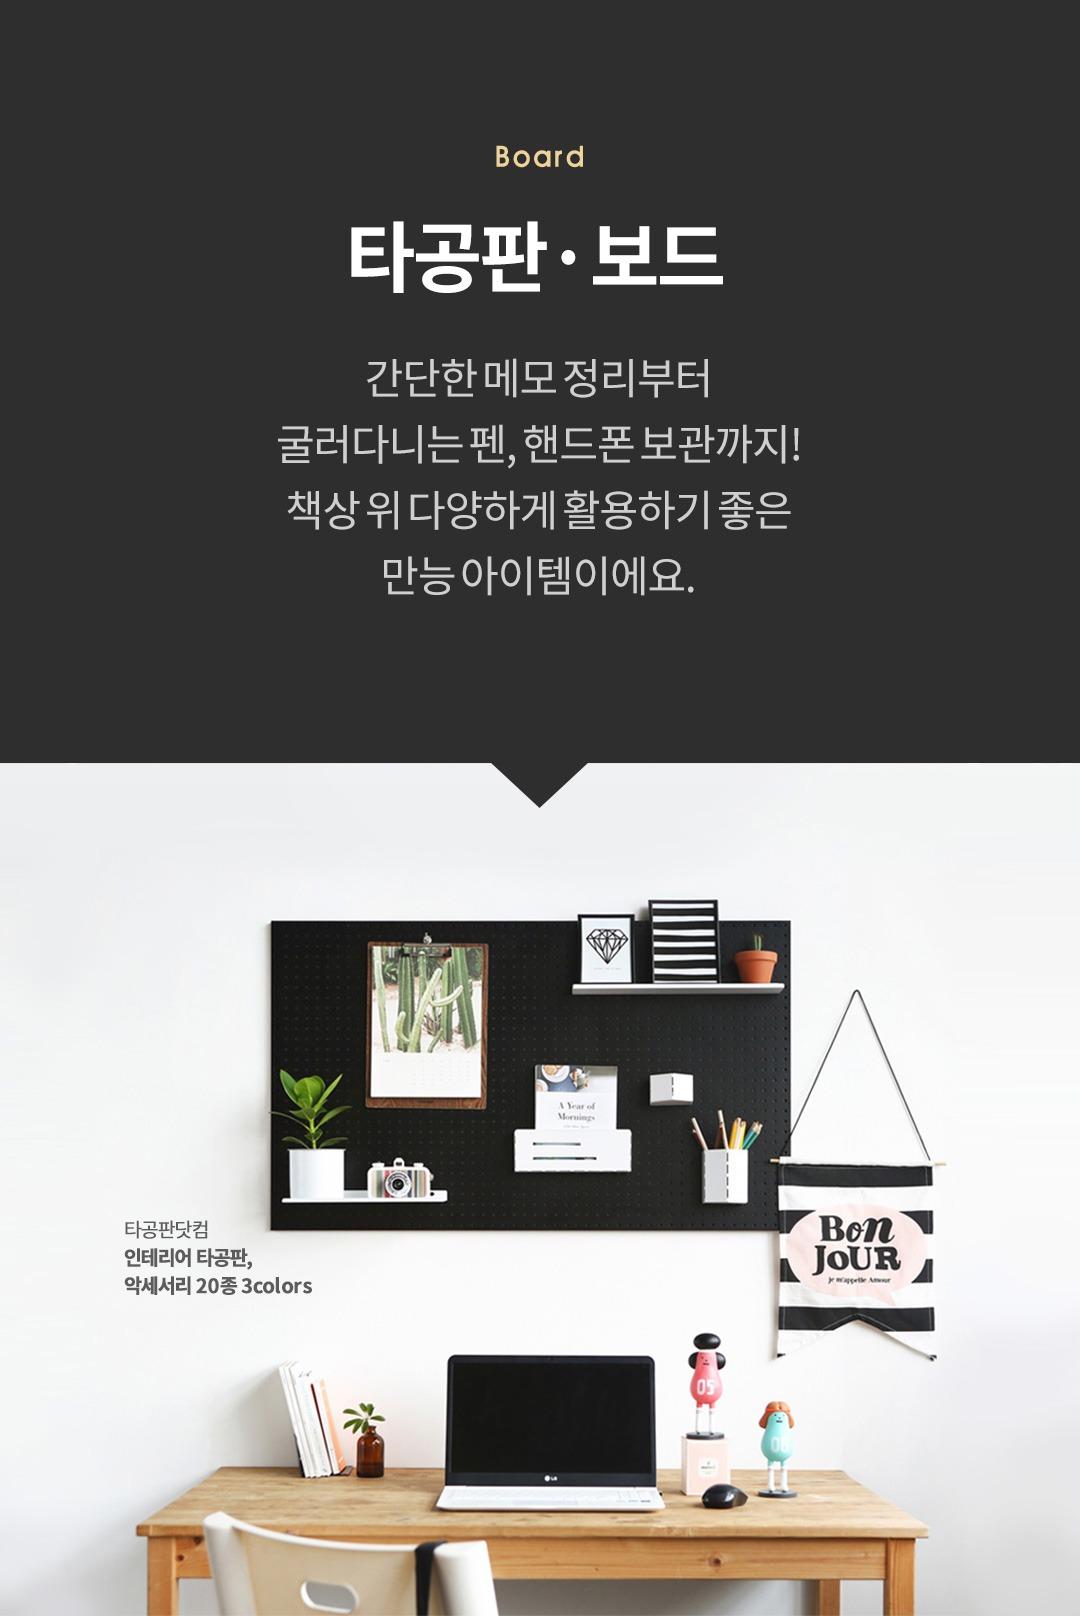 Medium 1538655213586 xwon7vt